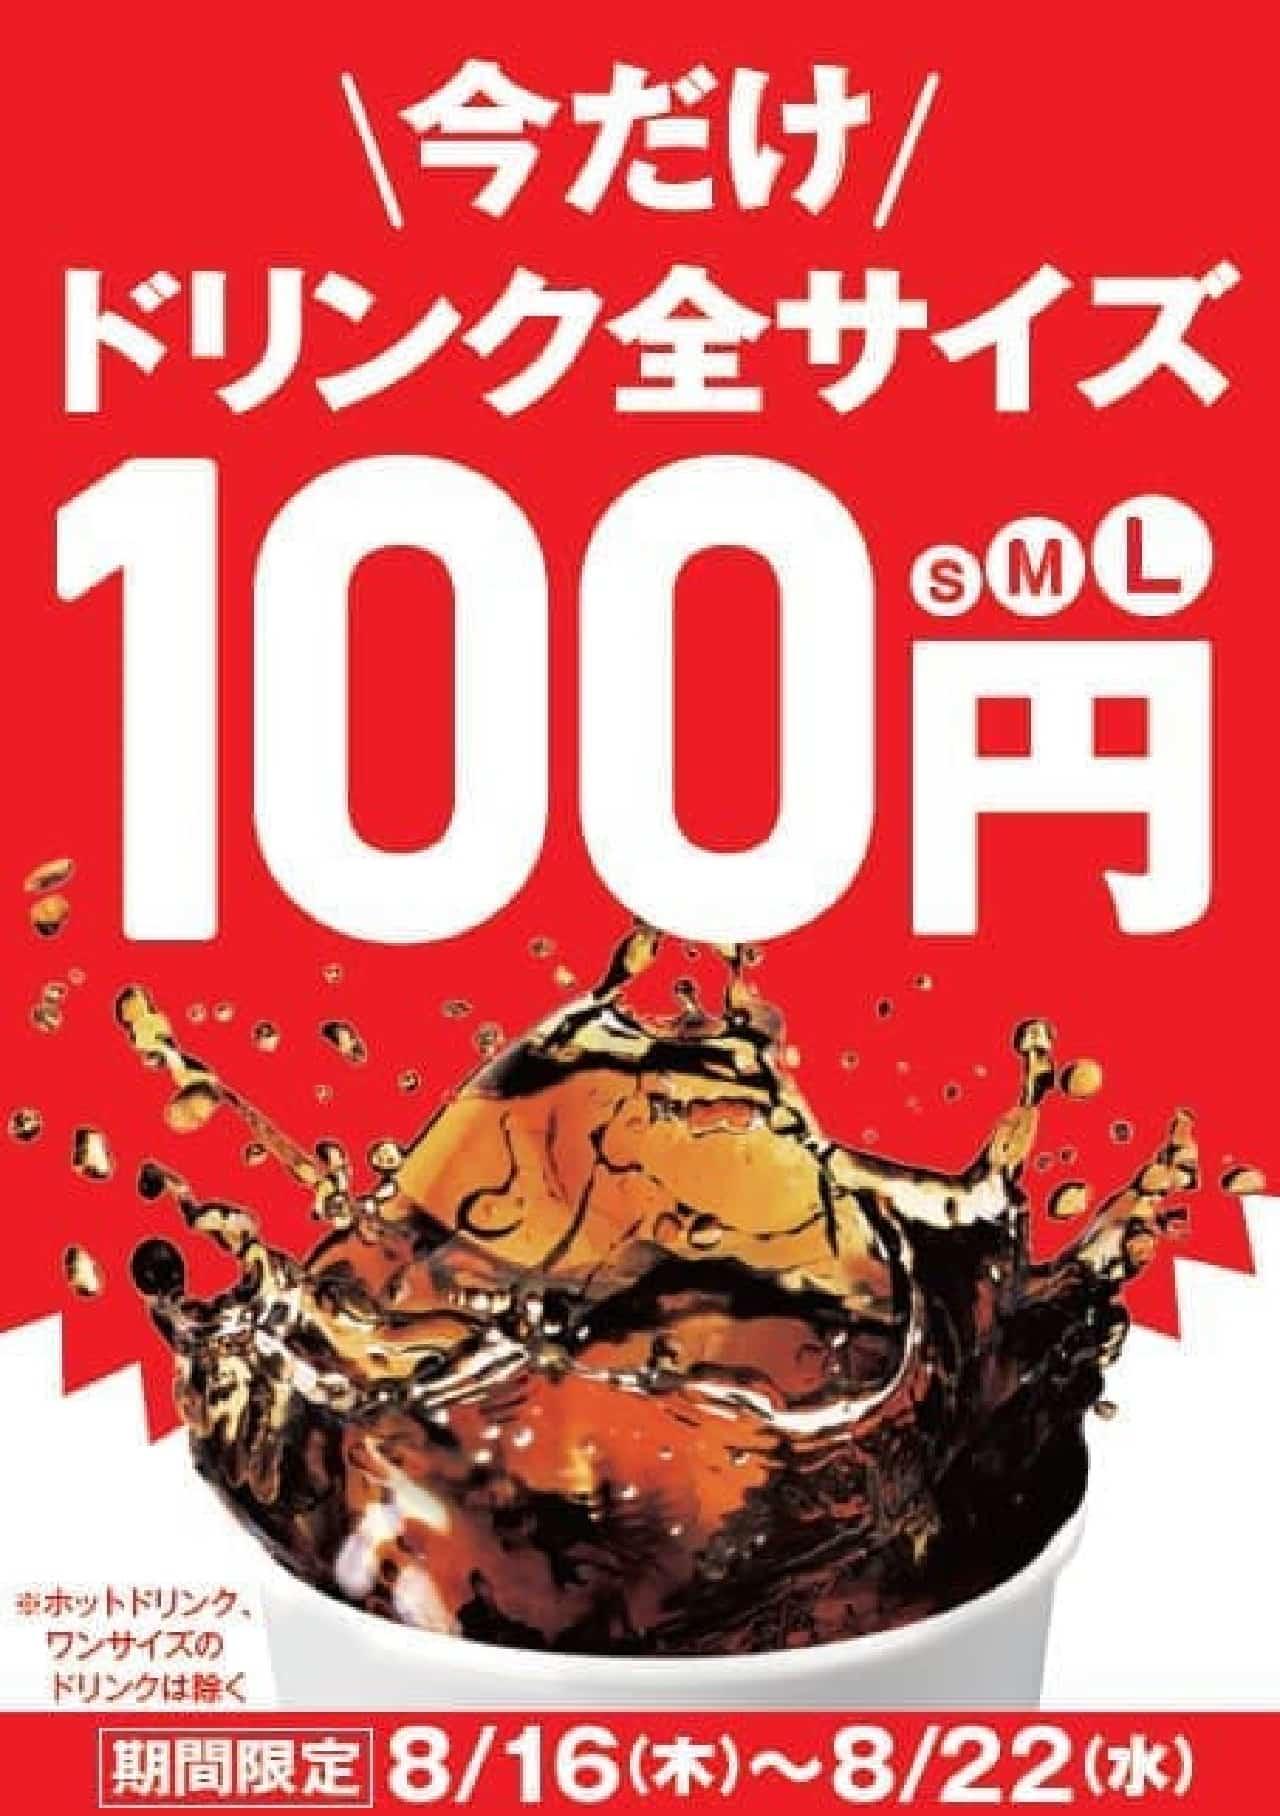 ケンタッキー・フライド・チキンのキャンペーン「ドリンク全サイズ100円」